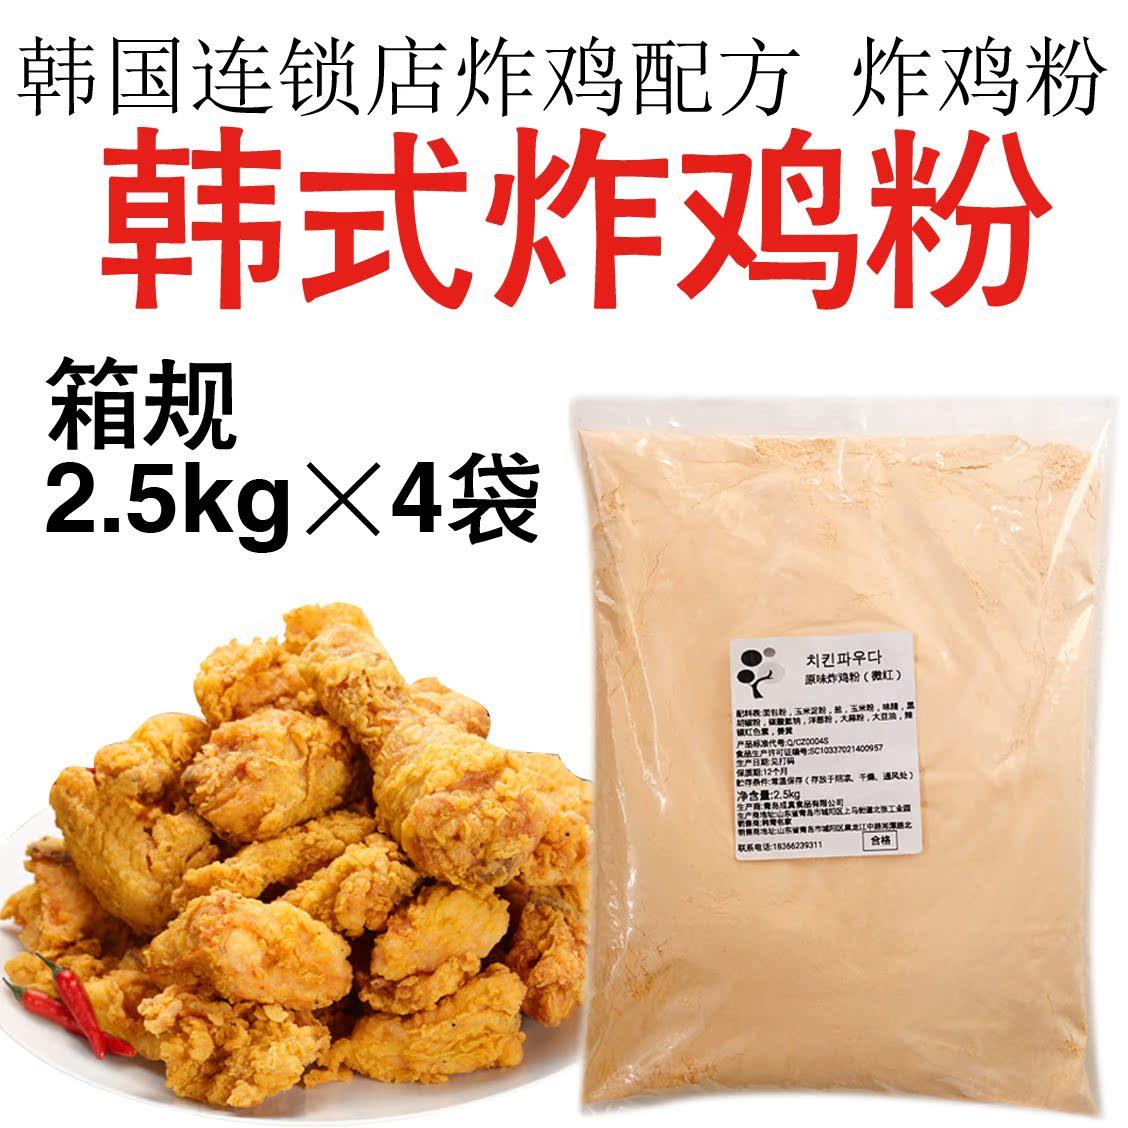 韩式炸鸡粉红色可搭配撒粉 韩国炸鸡店商家用脆皮油炸粉裹粉2.5kg